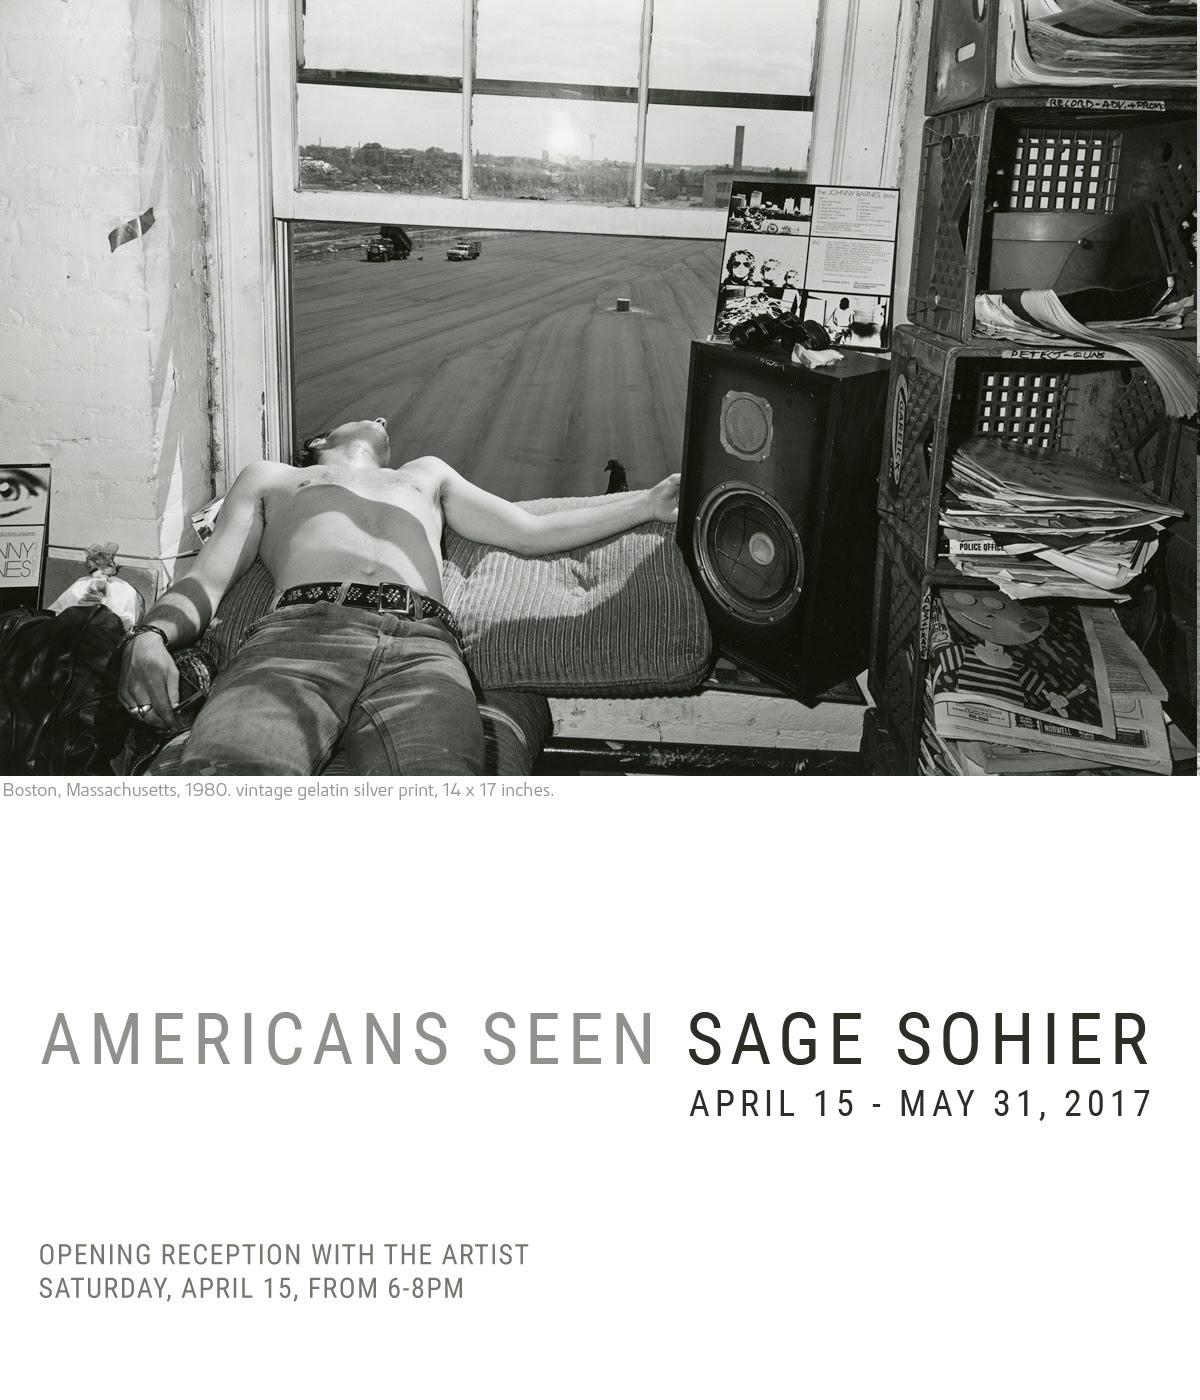 Sage Sohier